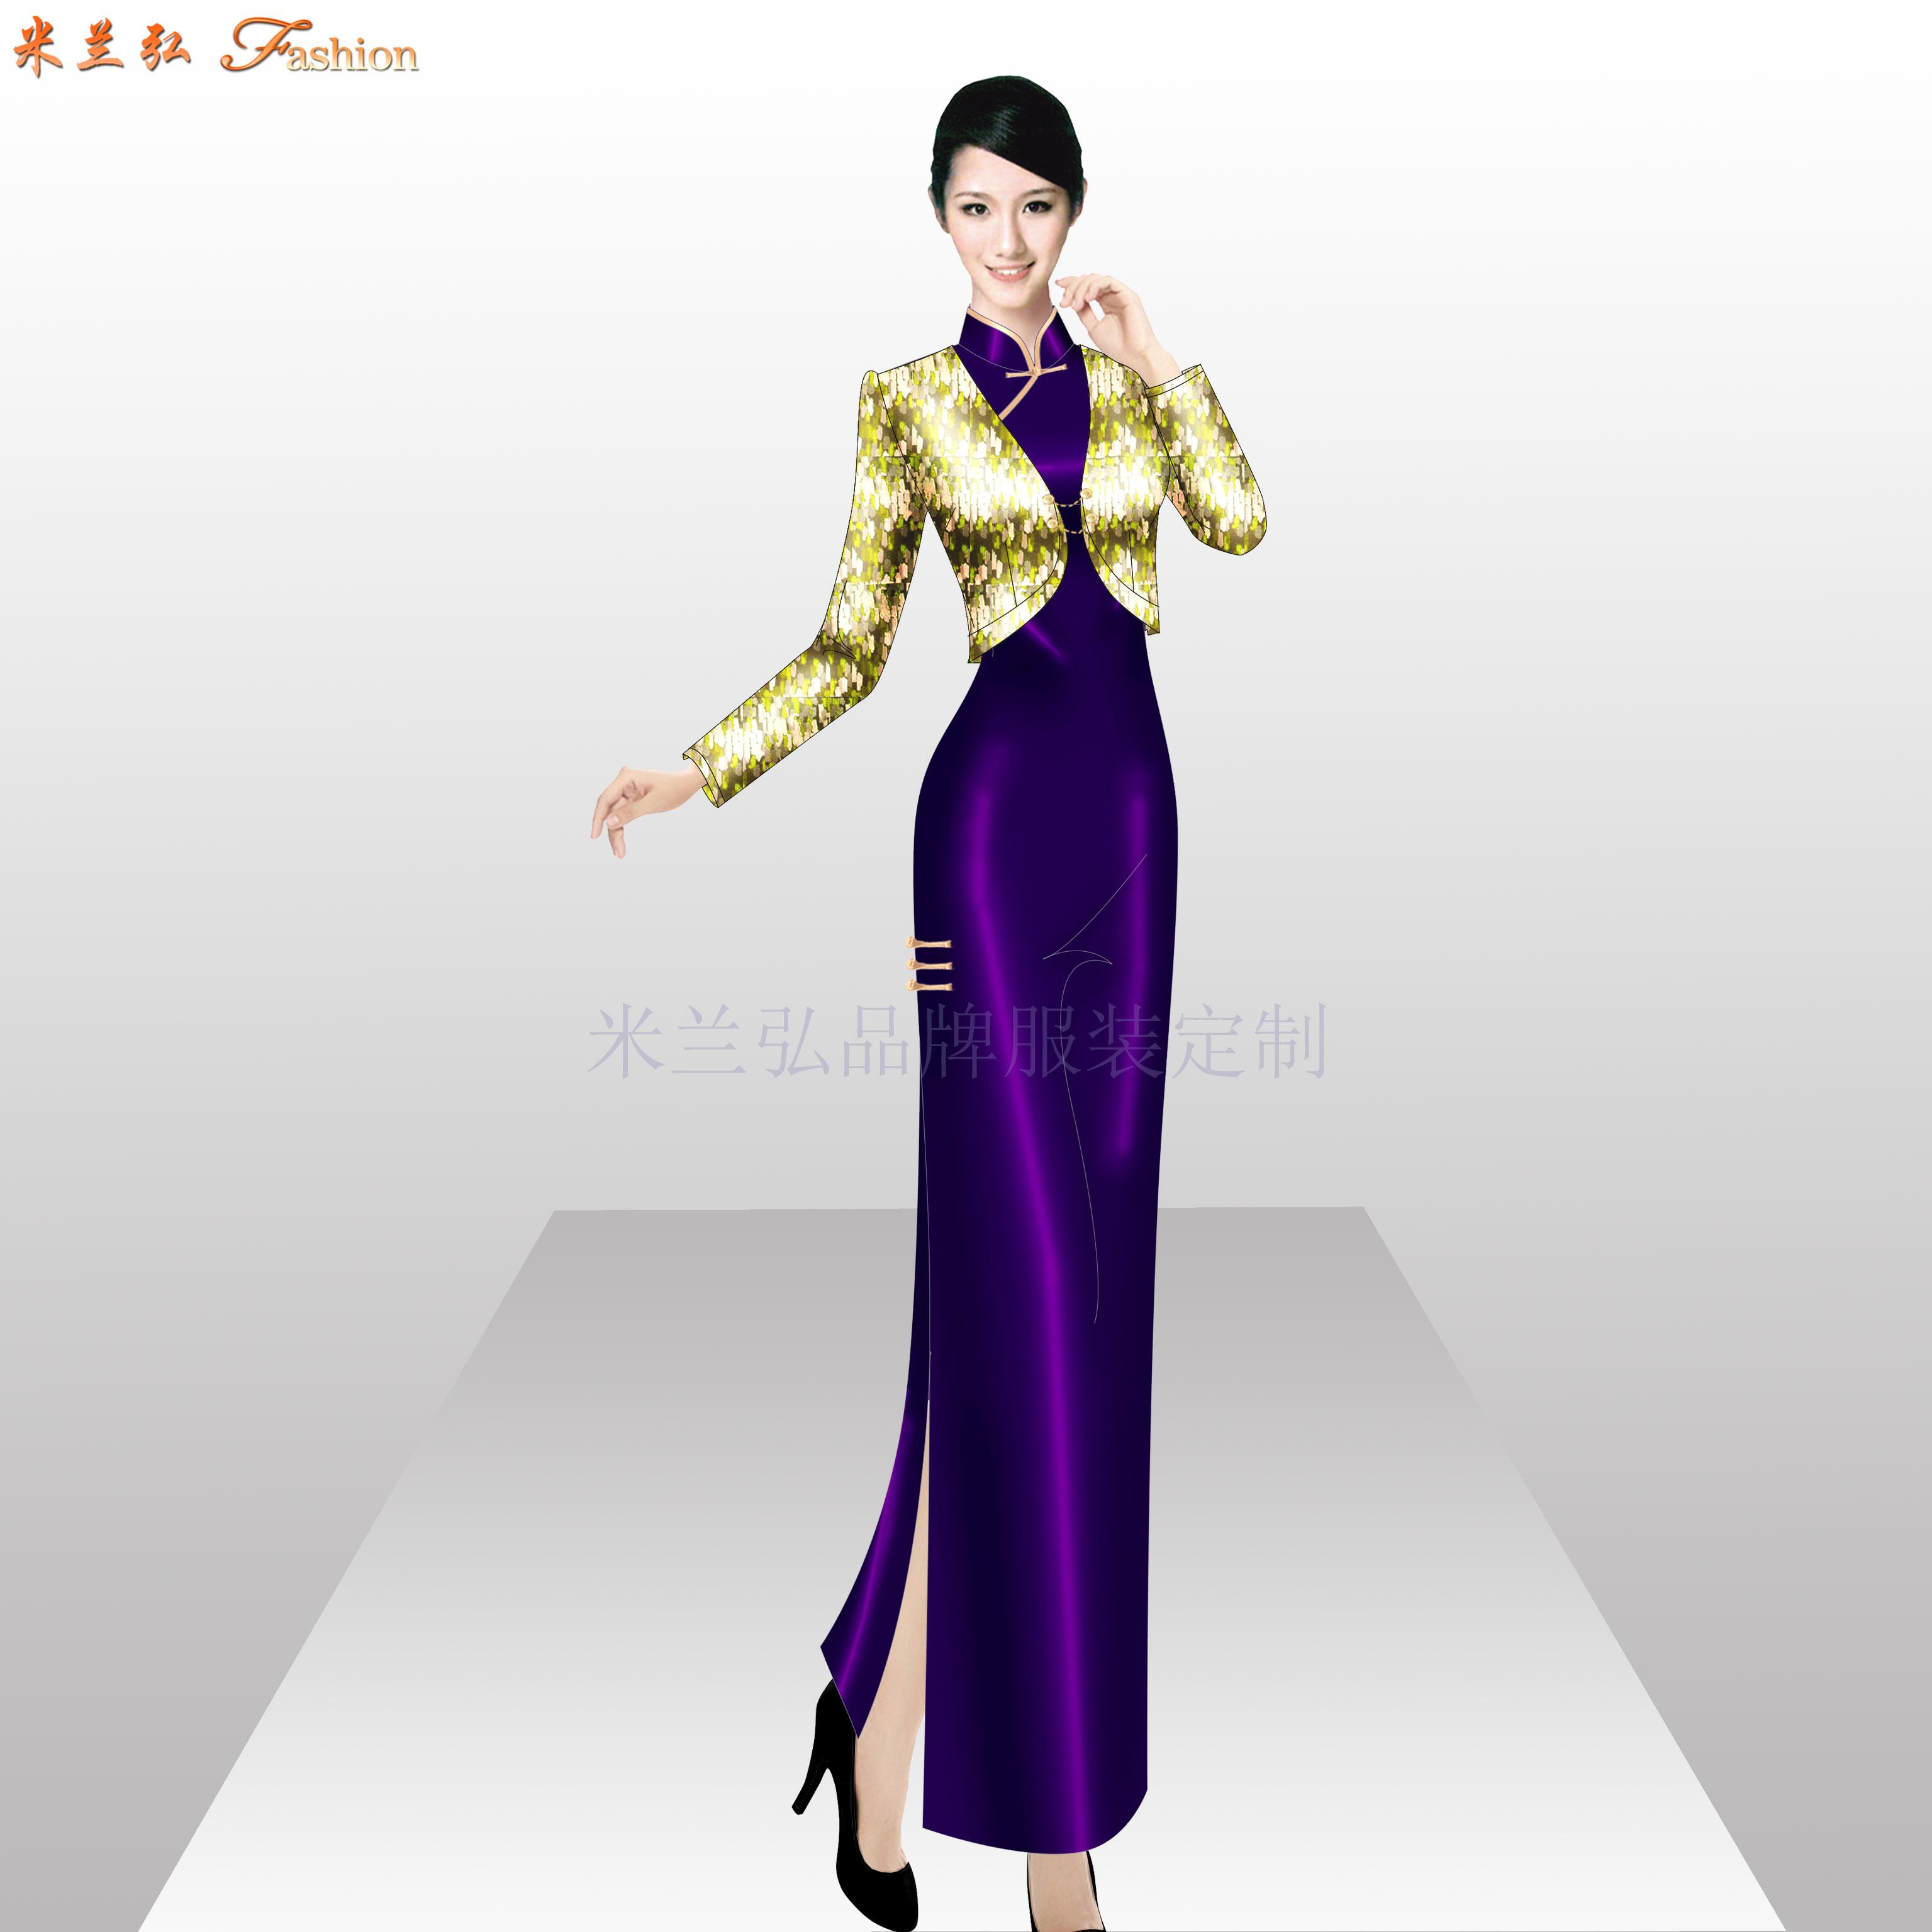 「商洛旗袍定制」陜西量身定制旗袍款式-米蘭弘服裝-2